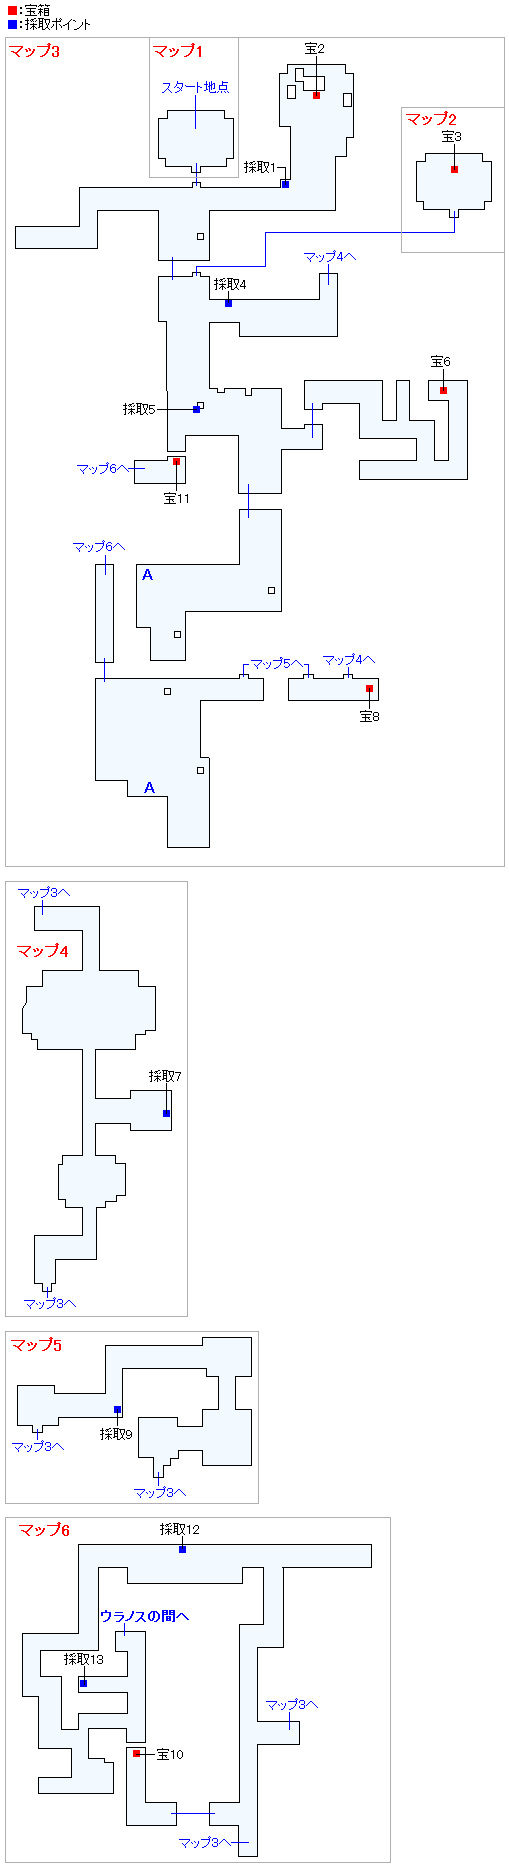 導師の試練・天啓の谷(ネルセンの迷宮)(Swith2Dと3DS2D)のマップ画像